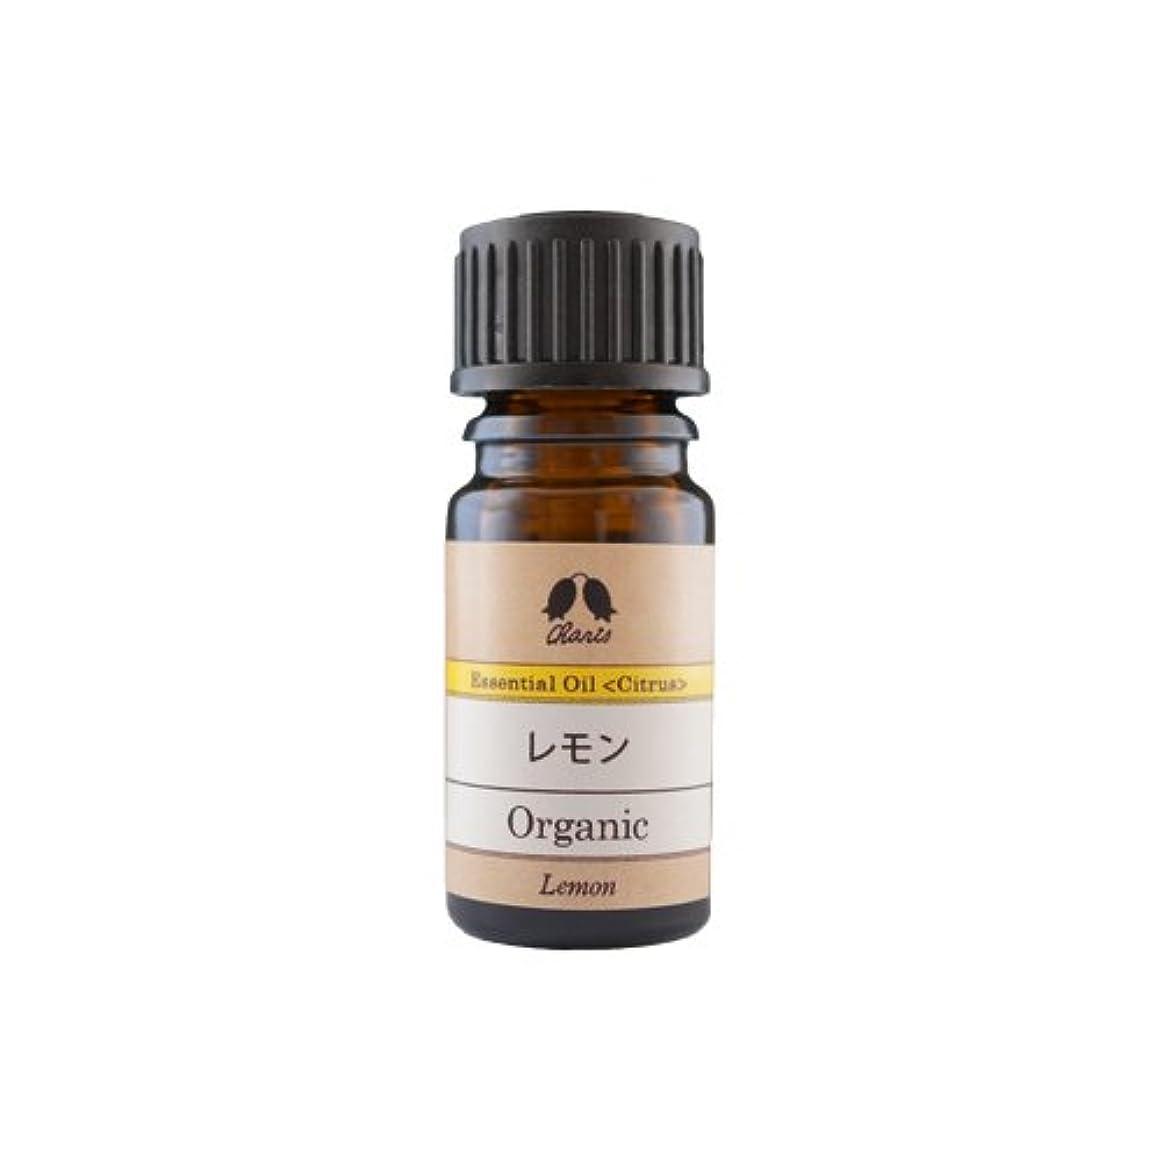 変わる急流免疫カリス レモン オーガニック オイル 5ml